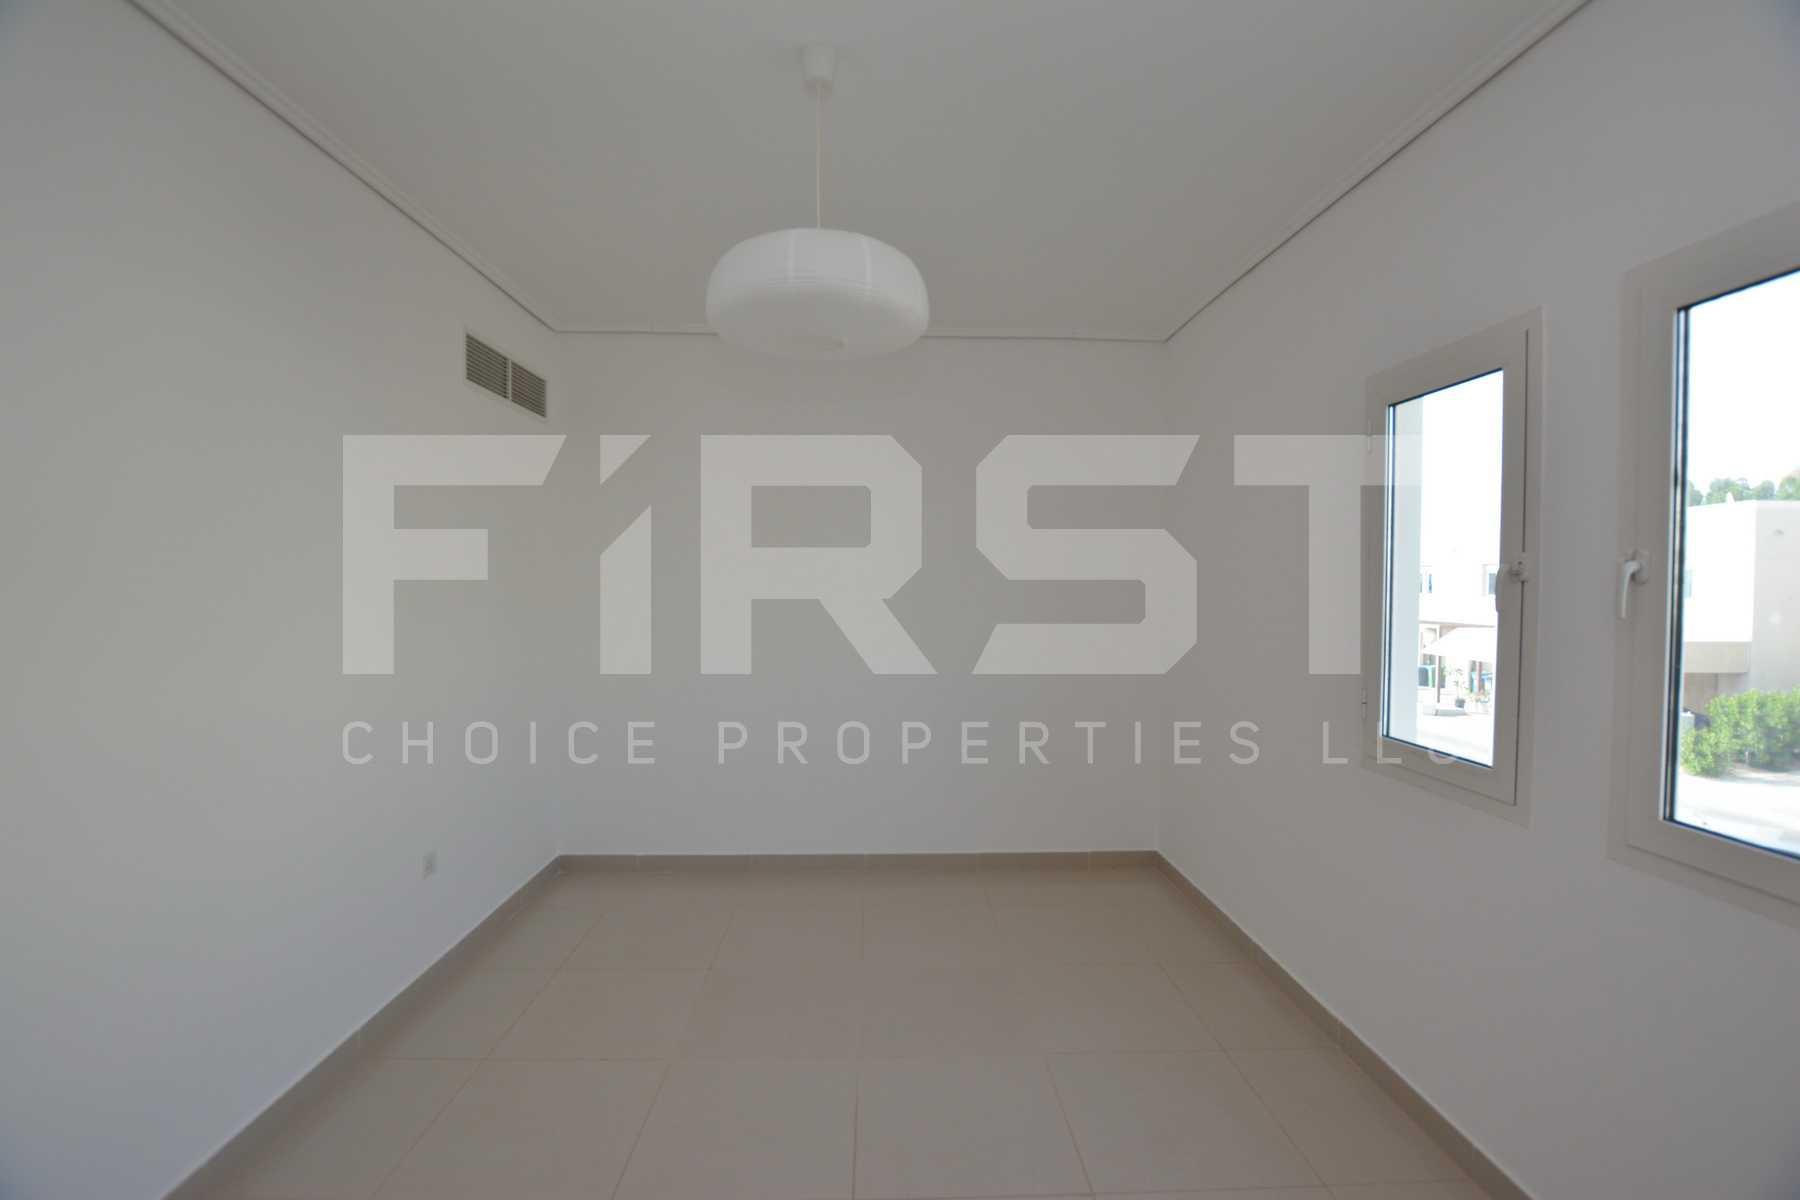 Internal Photo of 5 Bedroom Villa in Al Reef Villas 348.3 sq.m 3749 sq.ft (89).jpg